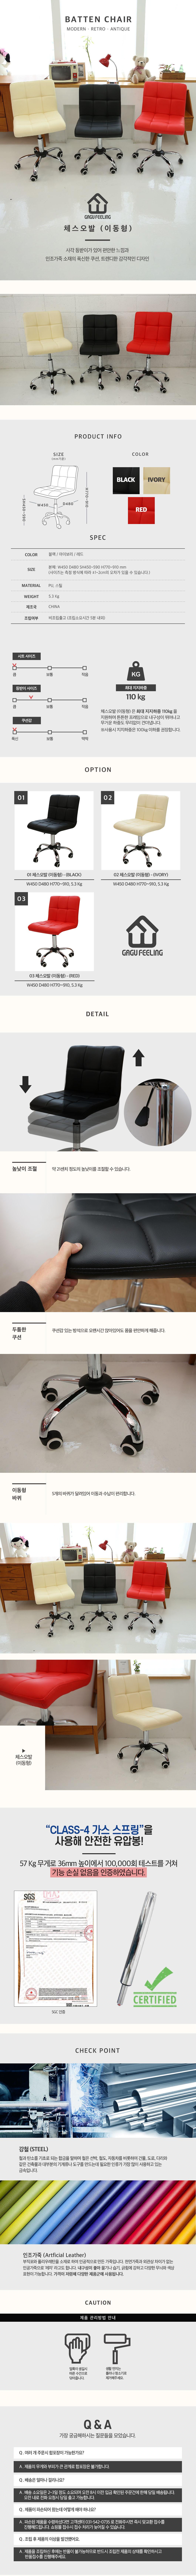 [가구느낌] 체스오발(이동형) 홈바 바퀴의자 - 가구느낌, 40,900원, 디자인 의자, 바의자